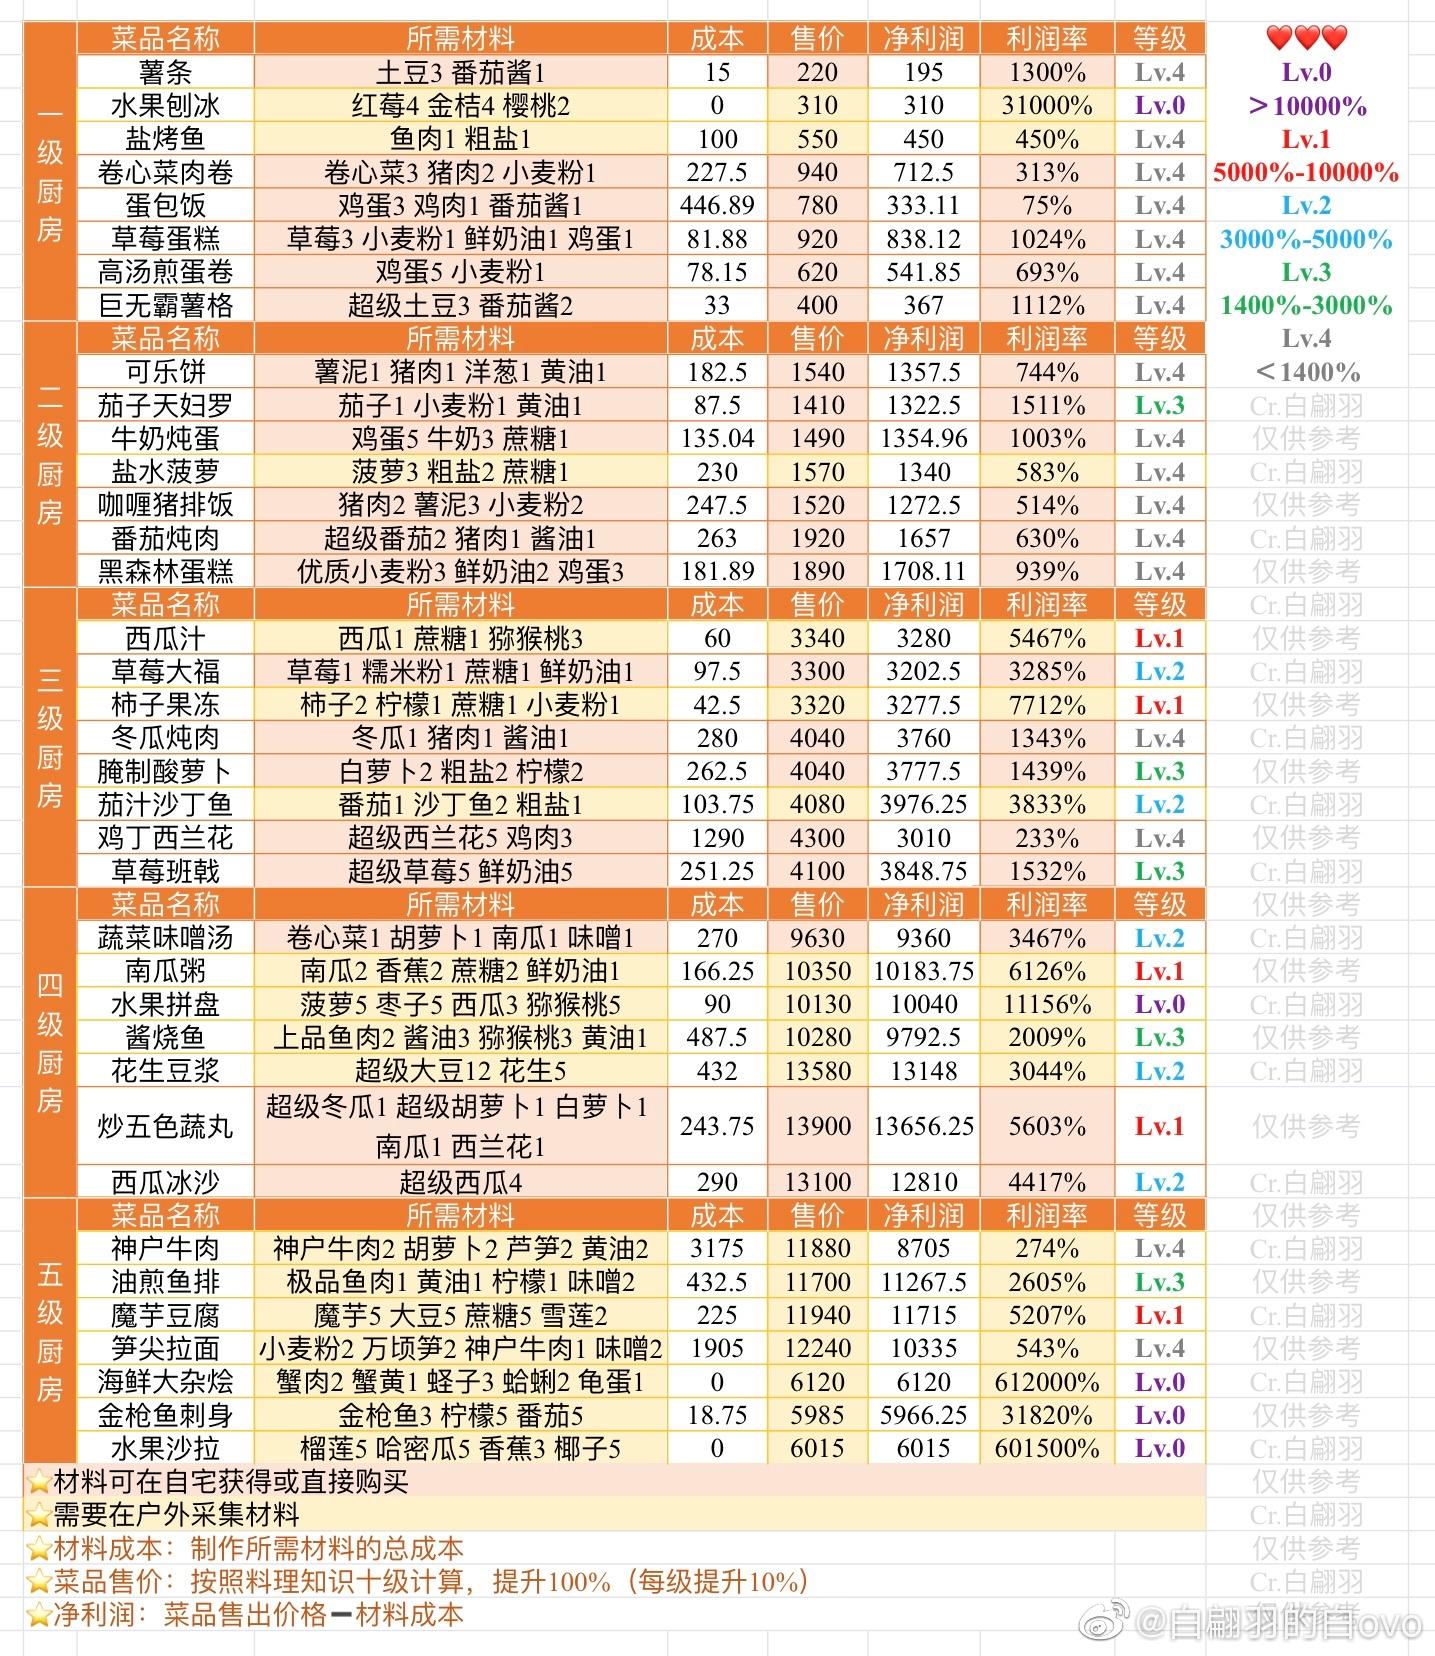 小森生活料理及农作物价格利润表分享